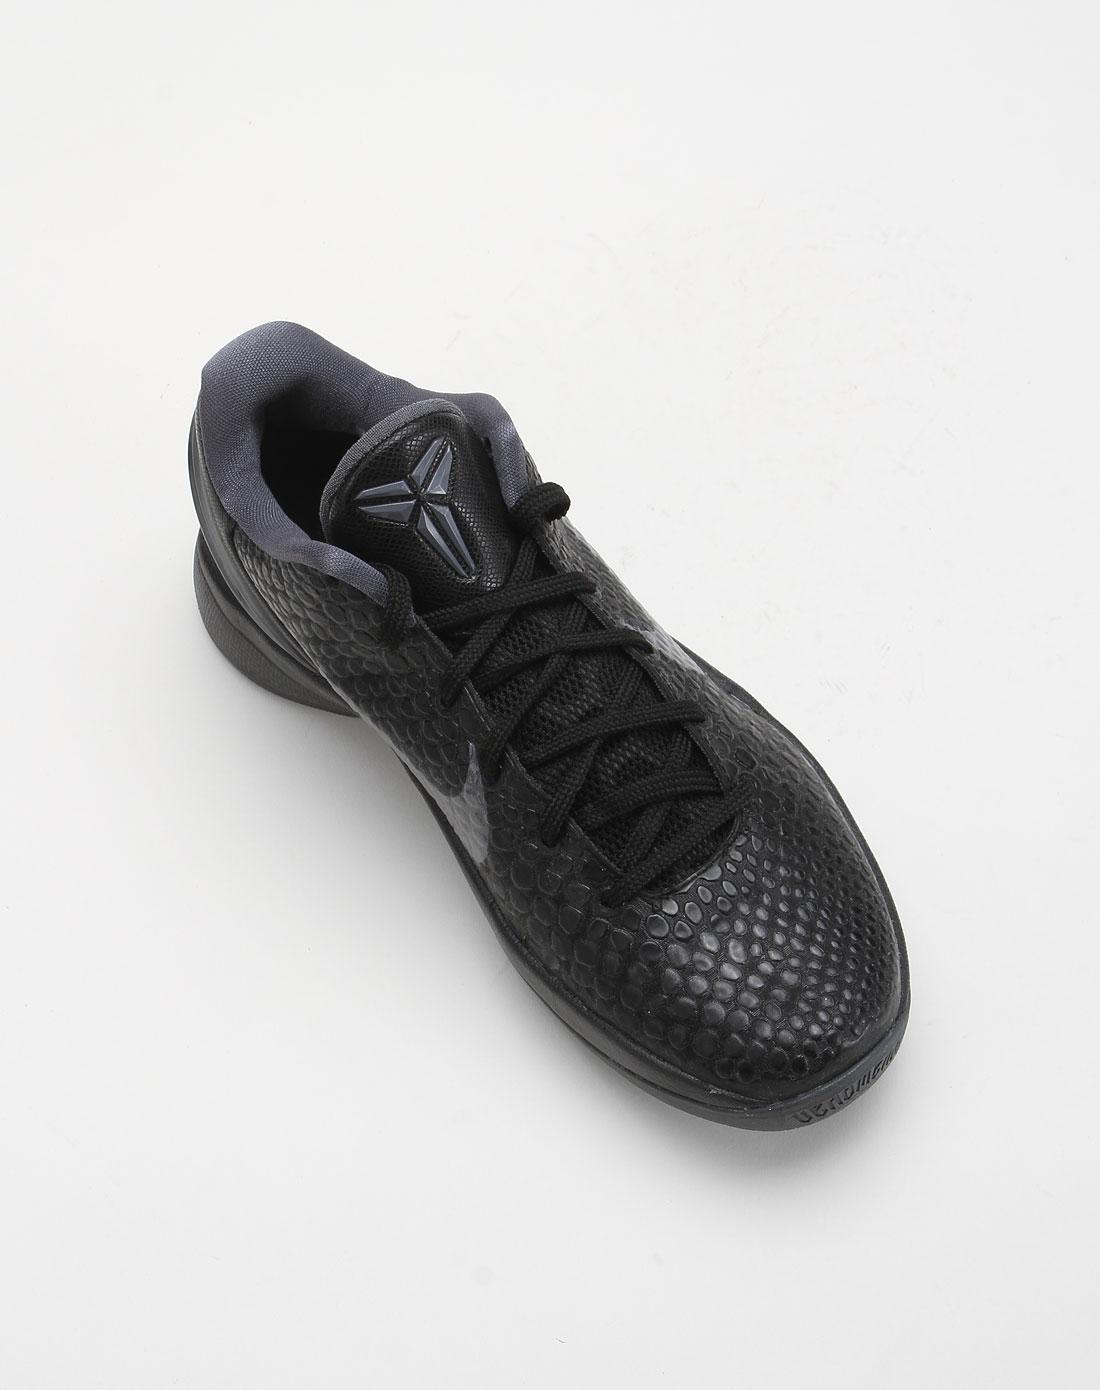 耐克Nike/男款KOBE黑色篮球鞋436311/004_唯品会